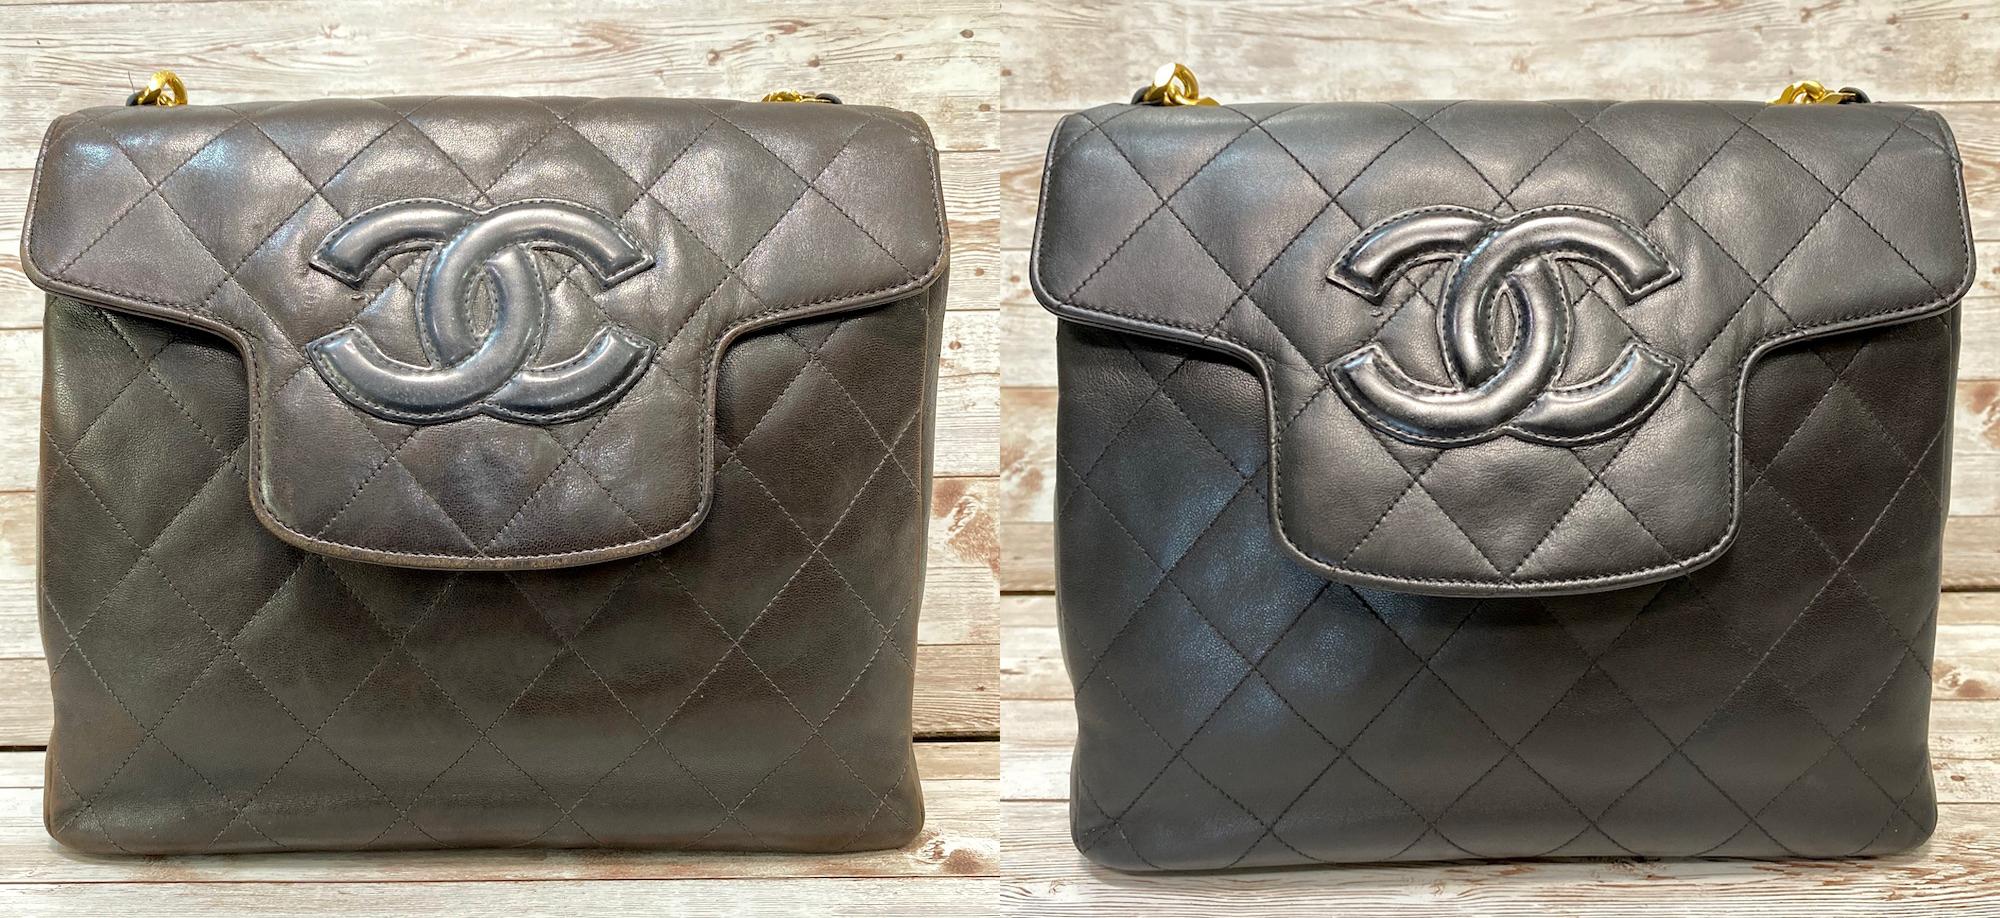 シャネル(Chanel)ハンドバッグの色補修をご紹介